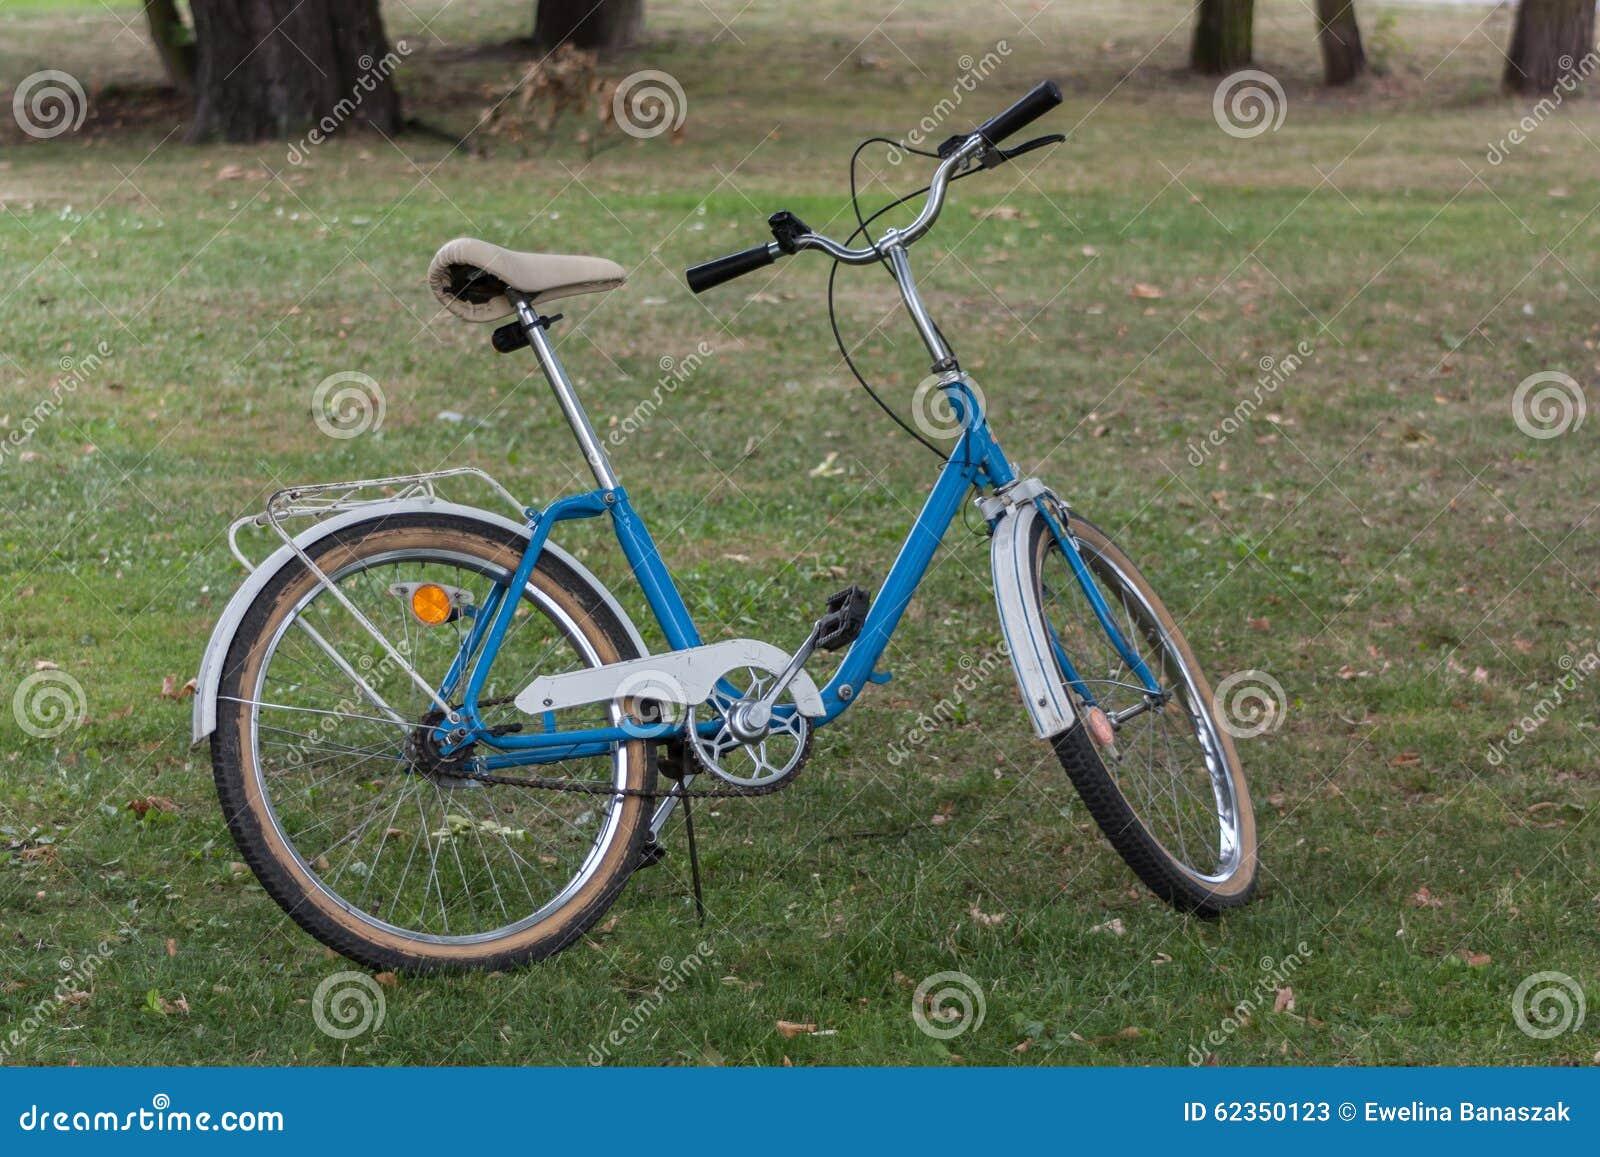 Polnisches Fahrrad Im Jahre 1992 Hergestellt Stockbild - Bild von ...